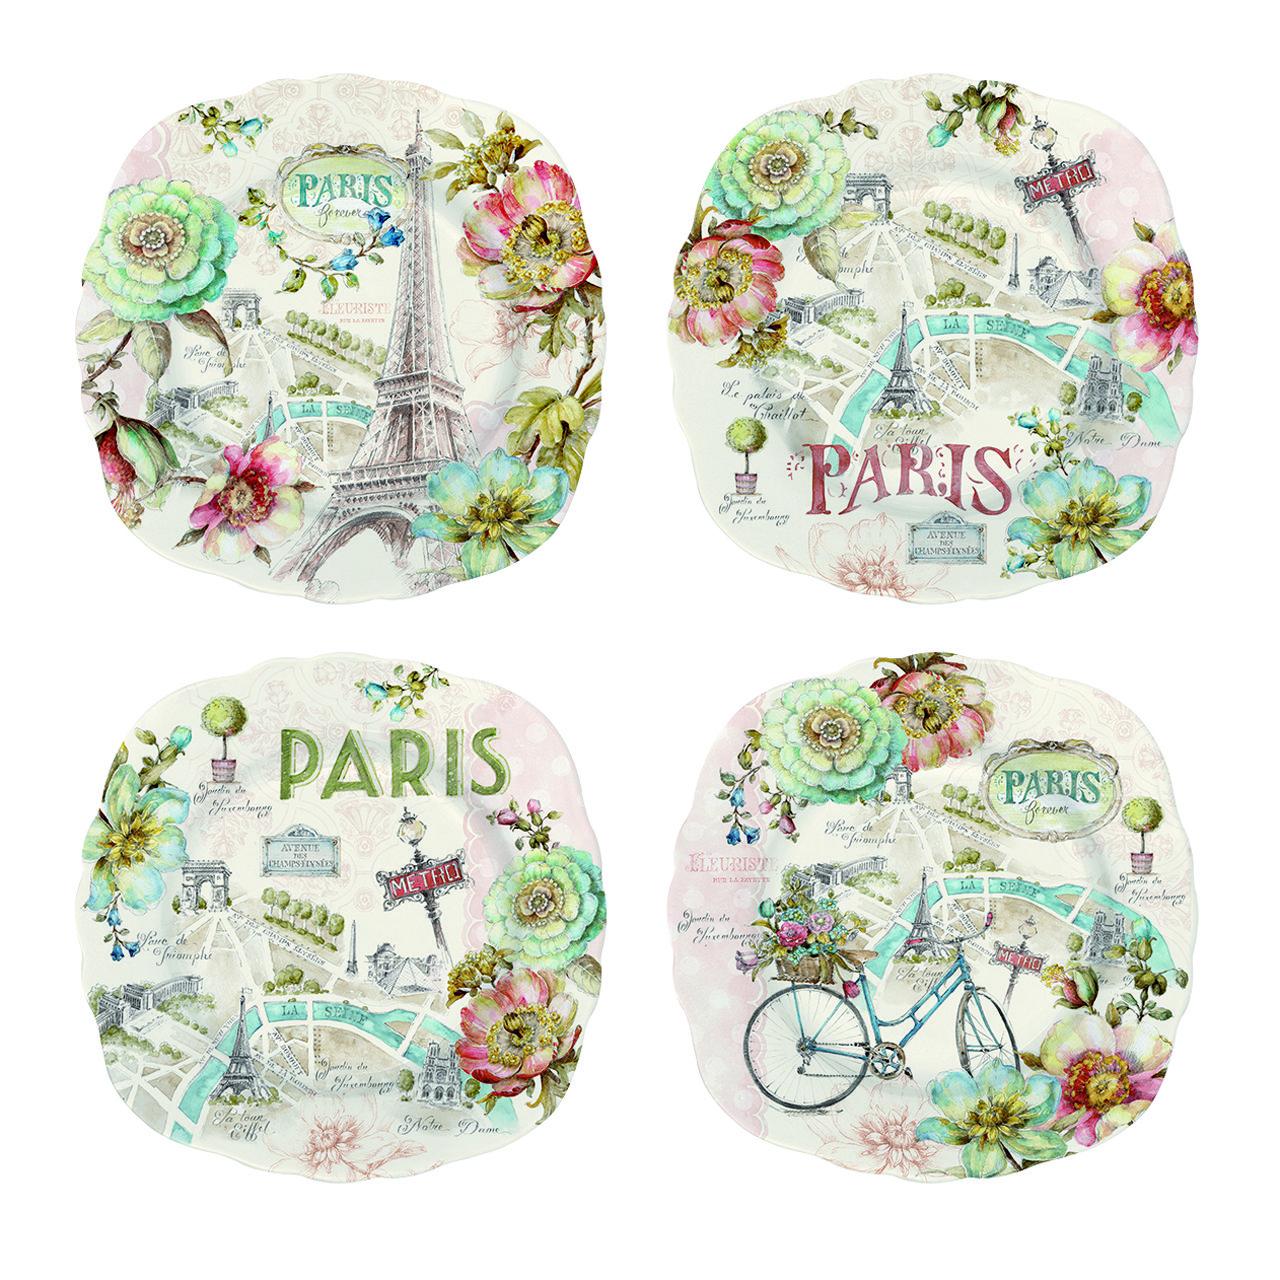 PARIS SET OF 4 PLATES | Bowring  sc 1 st  Pinterest & PARIS SET OF 4 PLATES | Bowring | Paris Decor | Pinterest | Paris ...